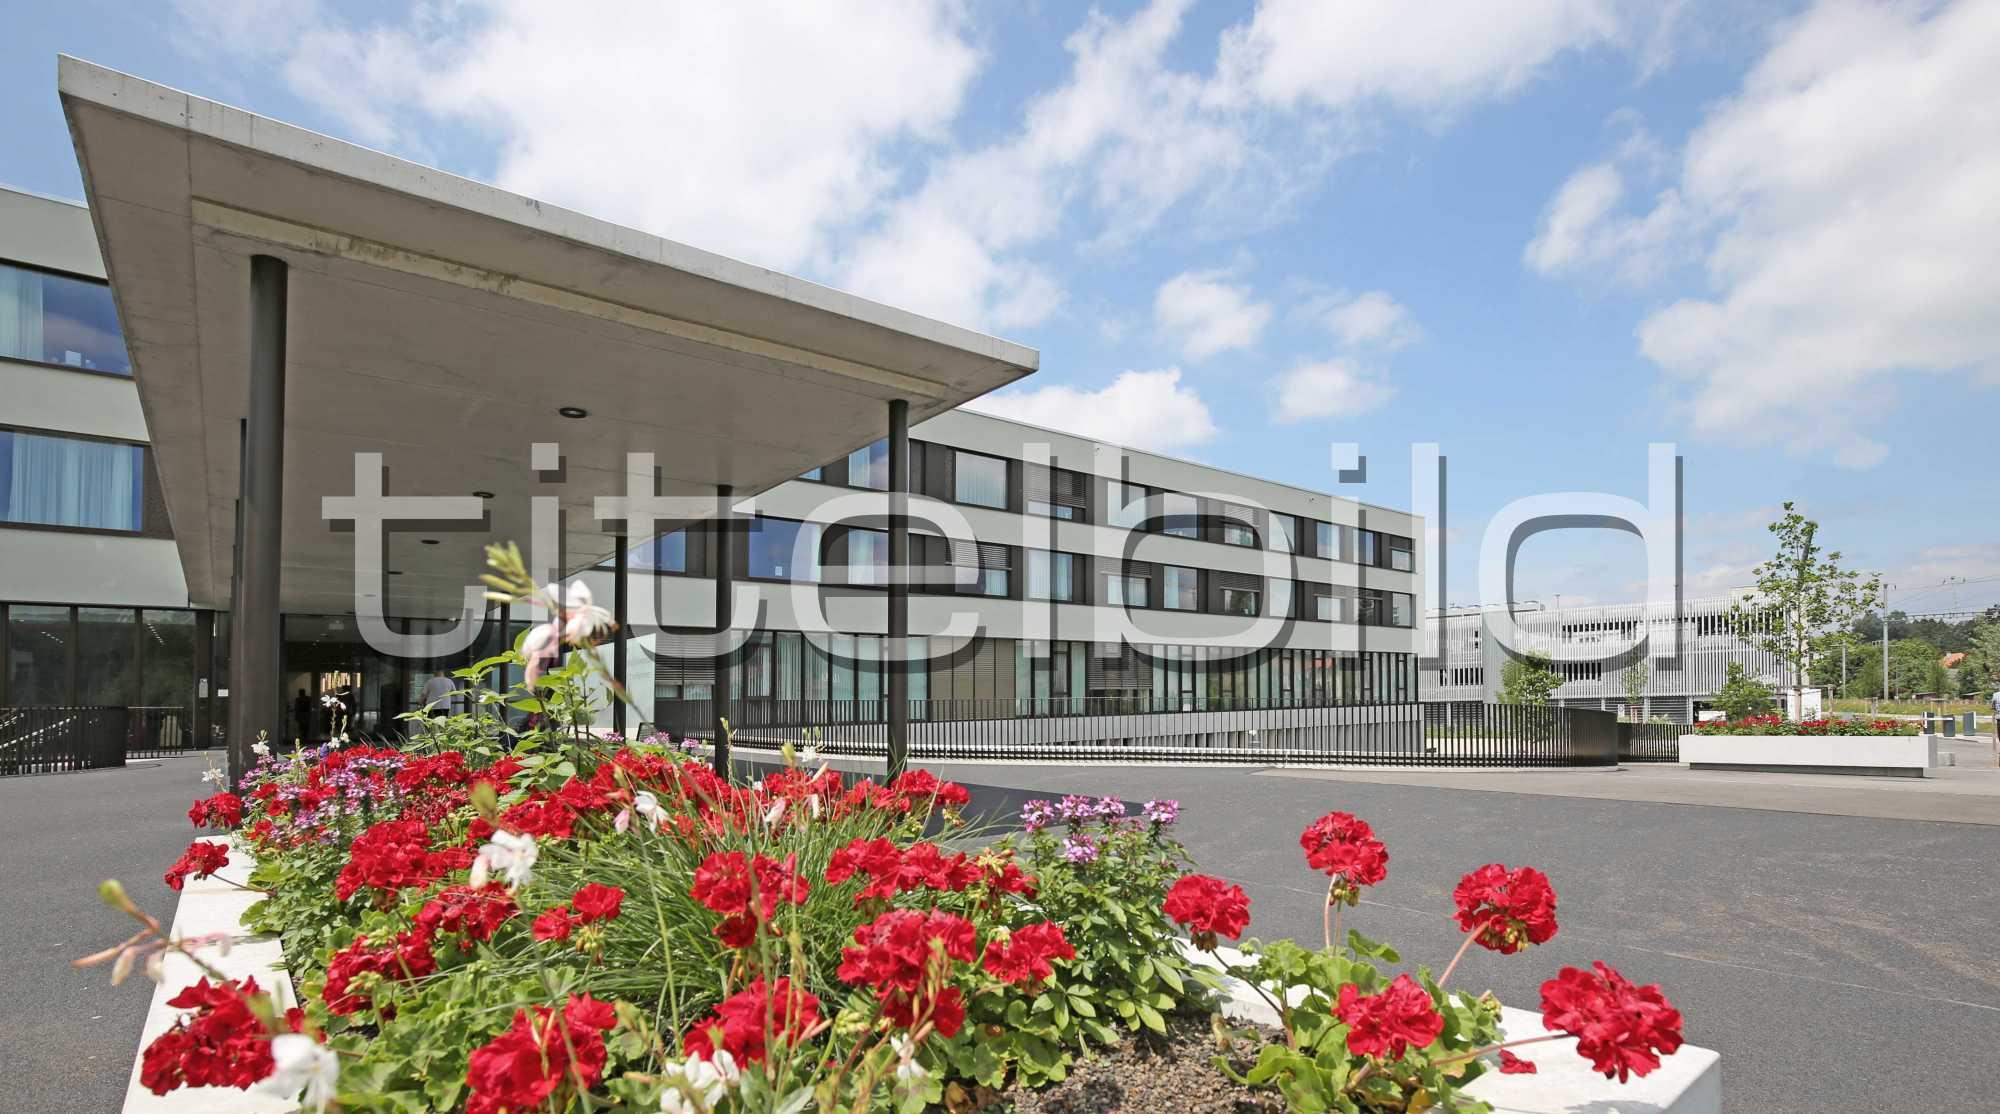 Projektbild-Nr. 1: Regionalspital Emmental, Spital Burgdorf